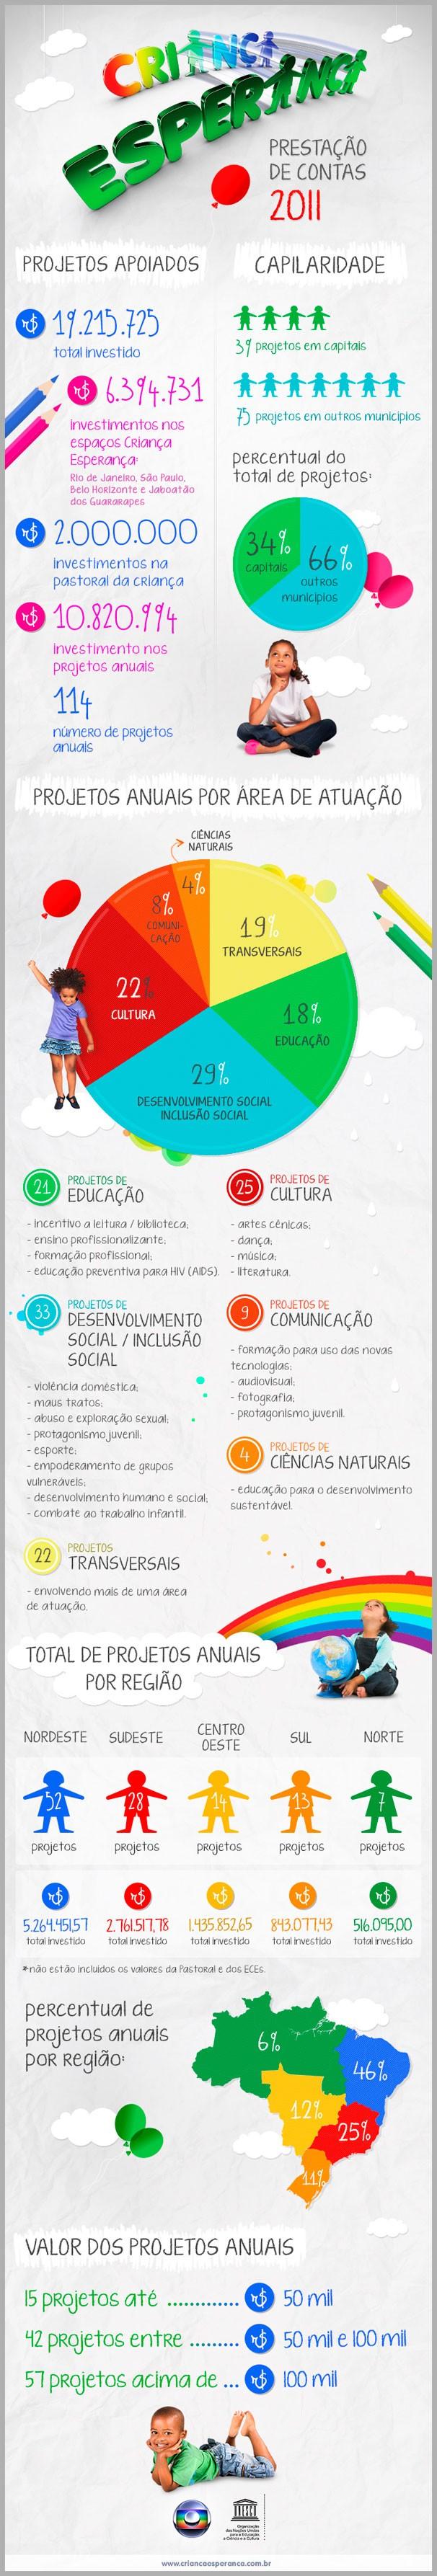 Balanço Criança Esperança 2011 (Foto: Reprodução)